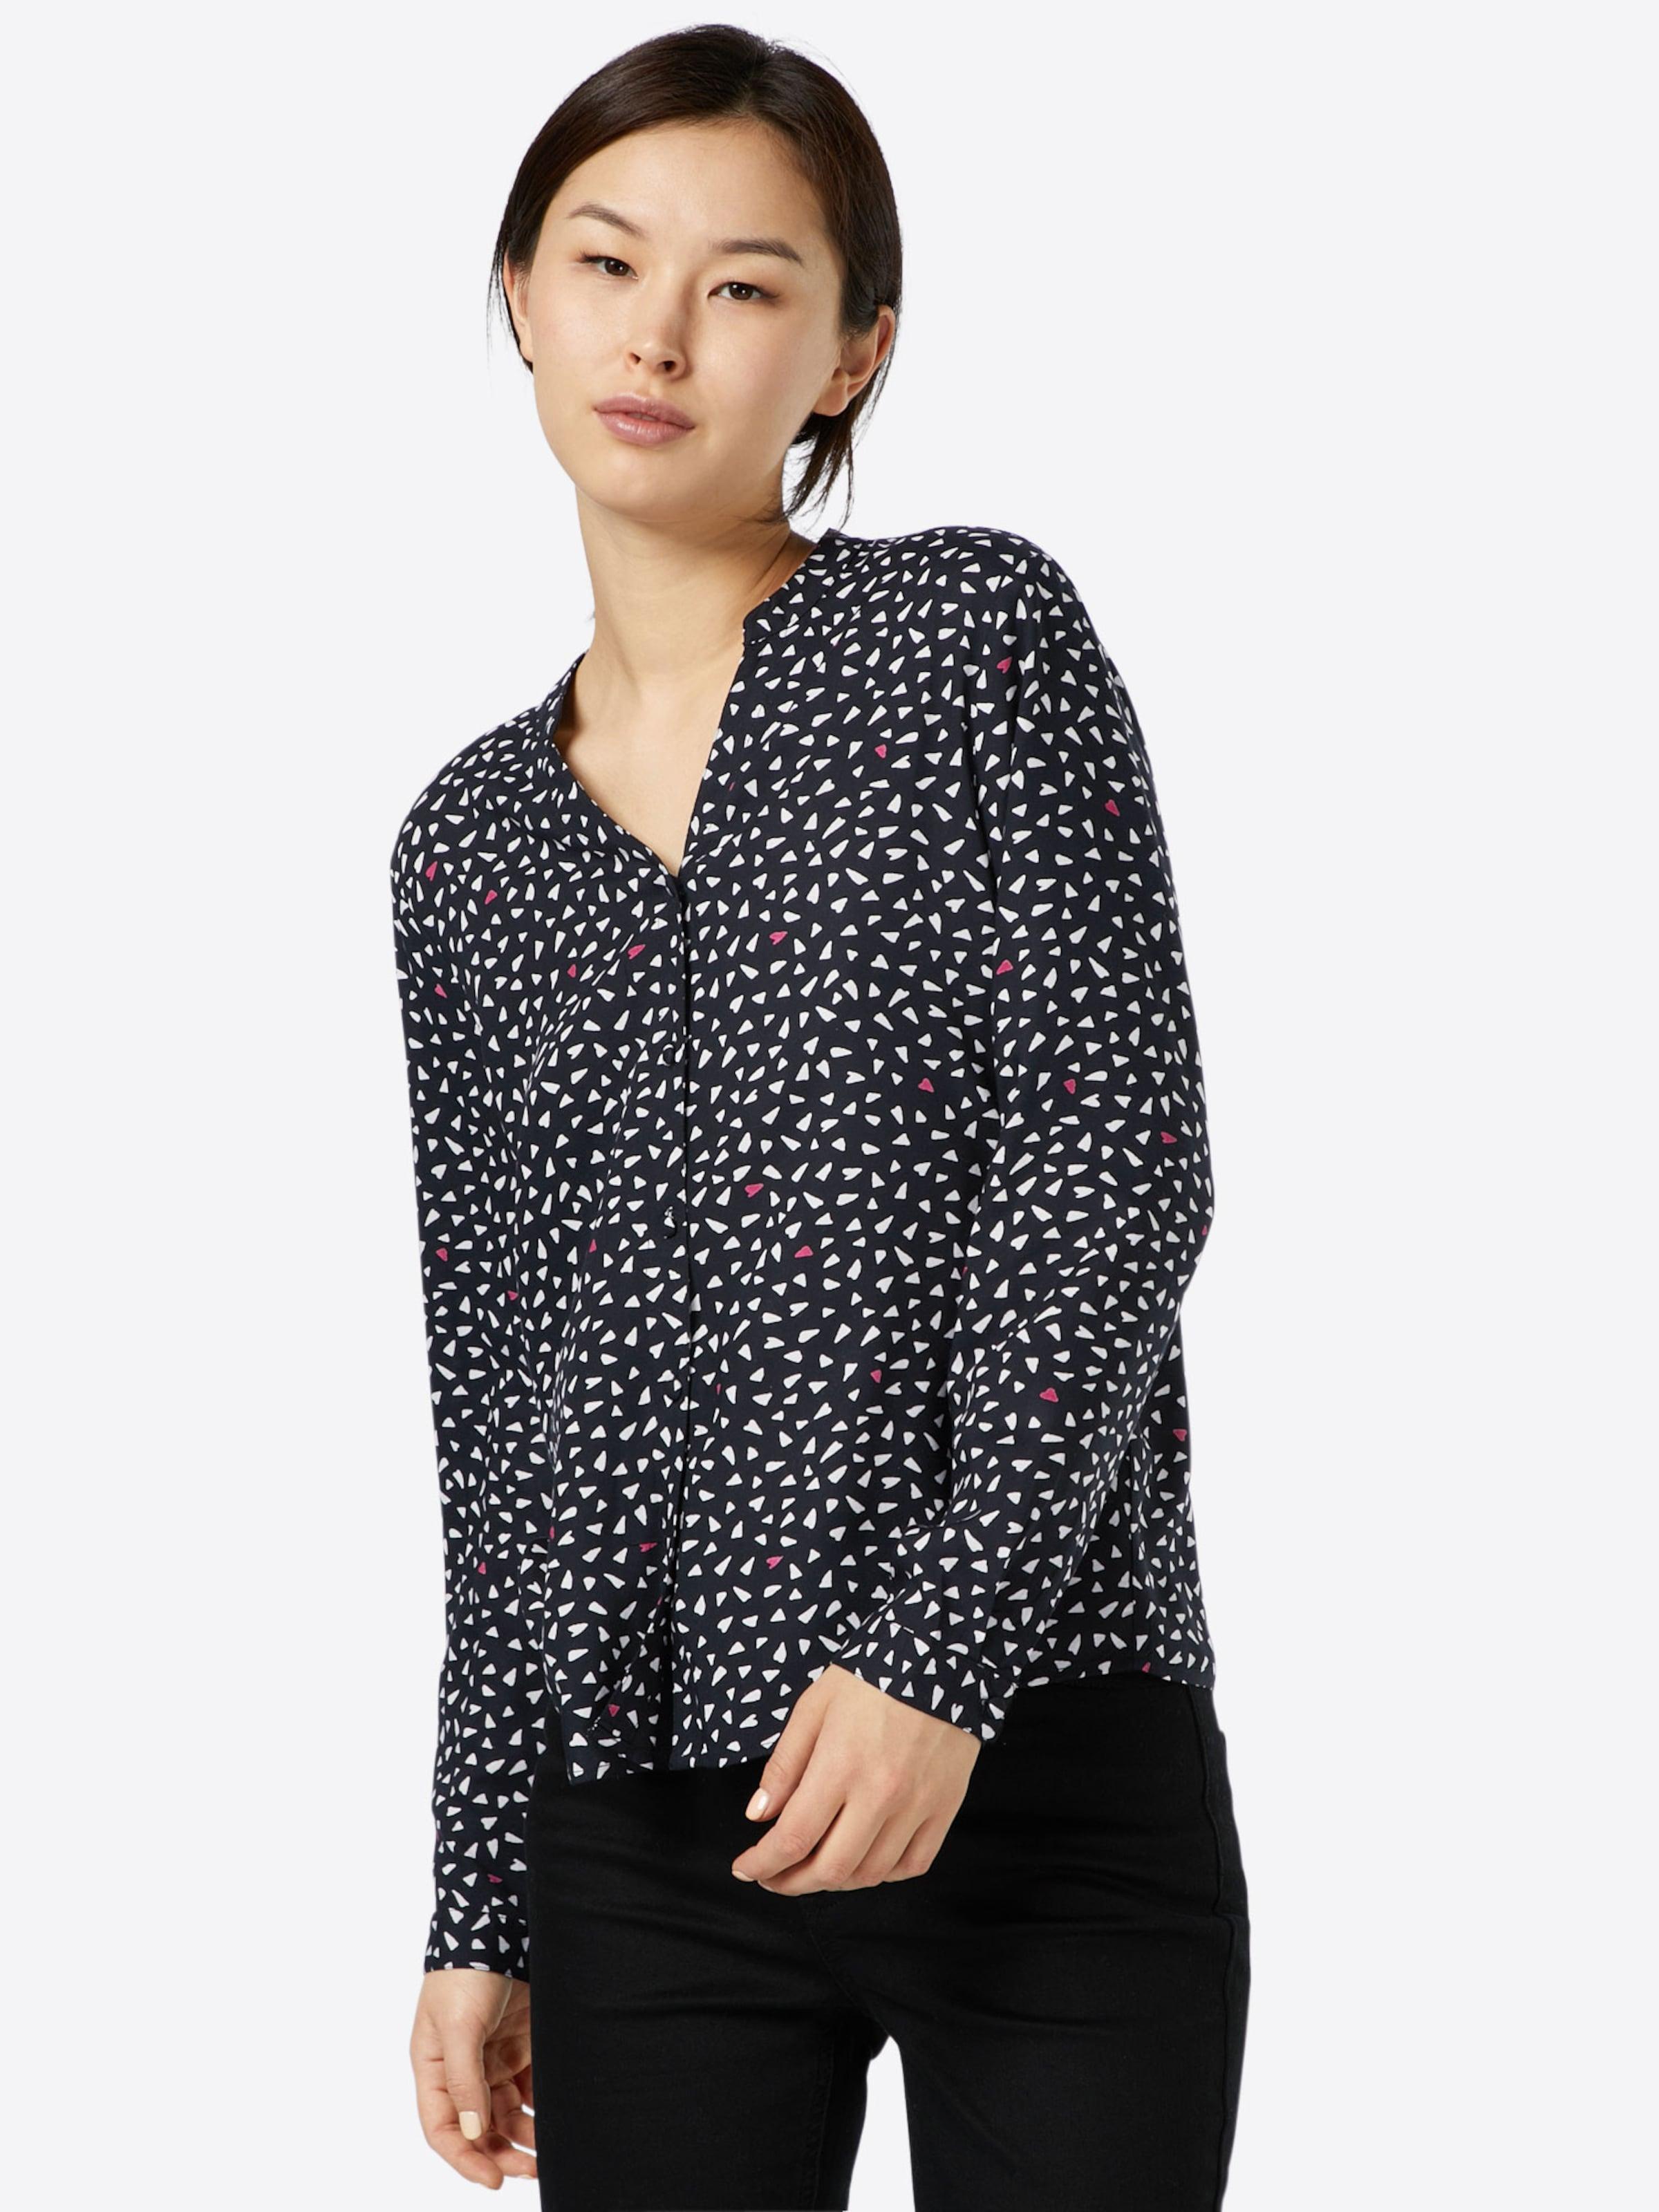 ONLY Blusenshirt Billig Verkauf Eastbay Verkaufen Sind Große hxaa795